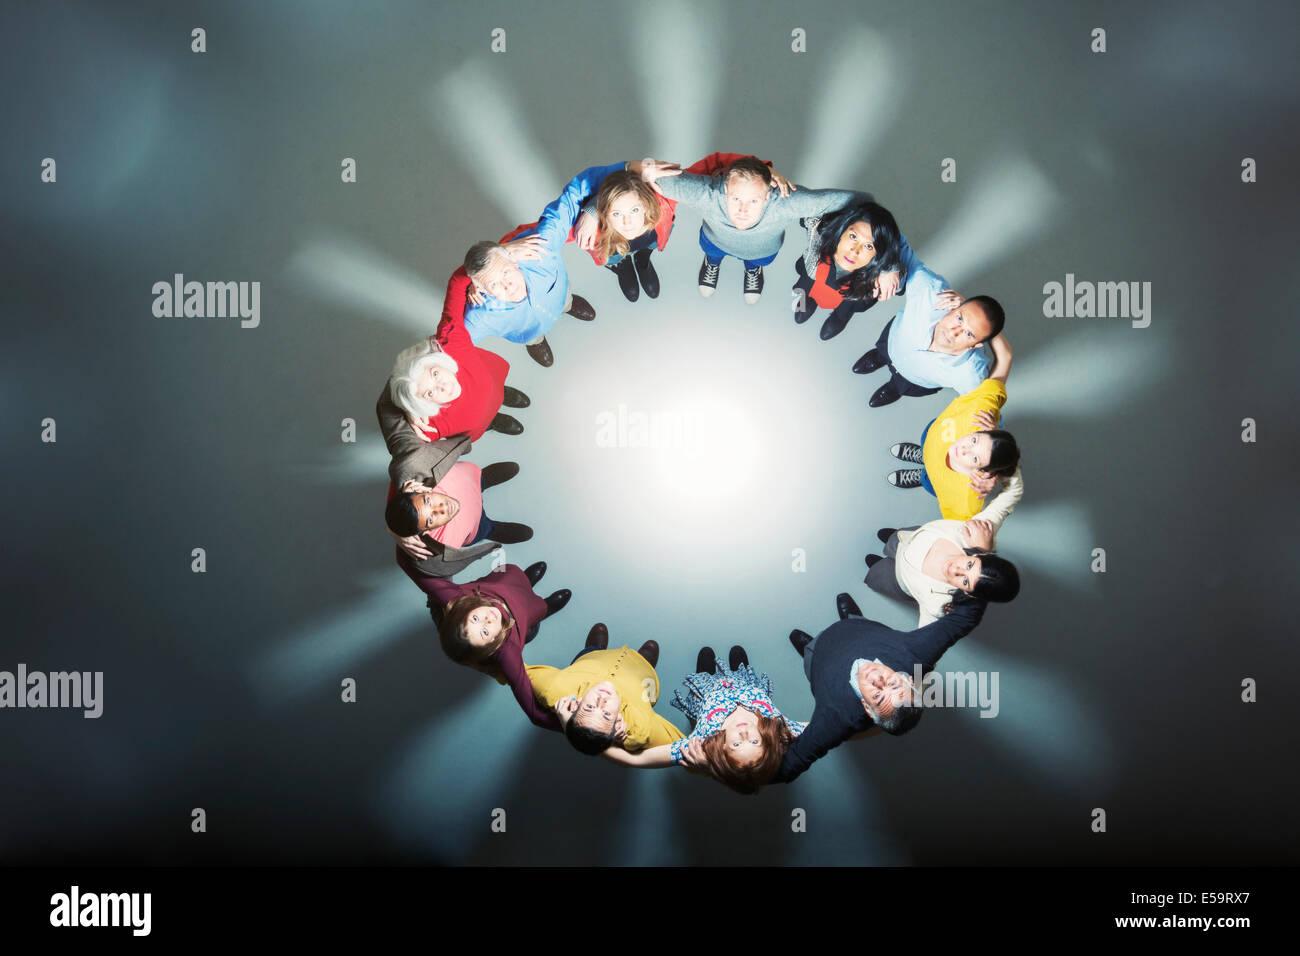 La gente di affari formando huddle intorno a una luce brillante Immagini Stock